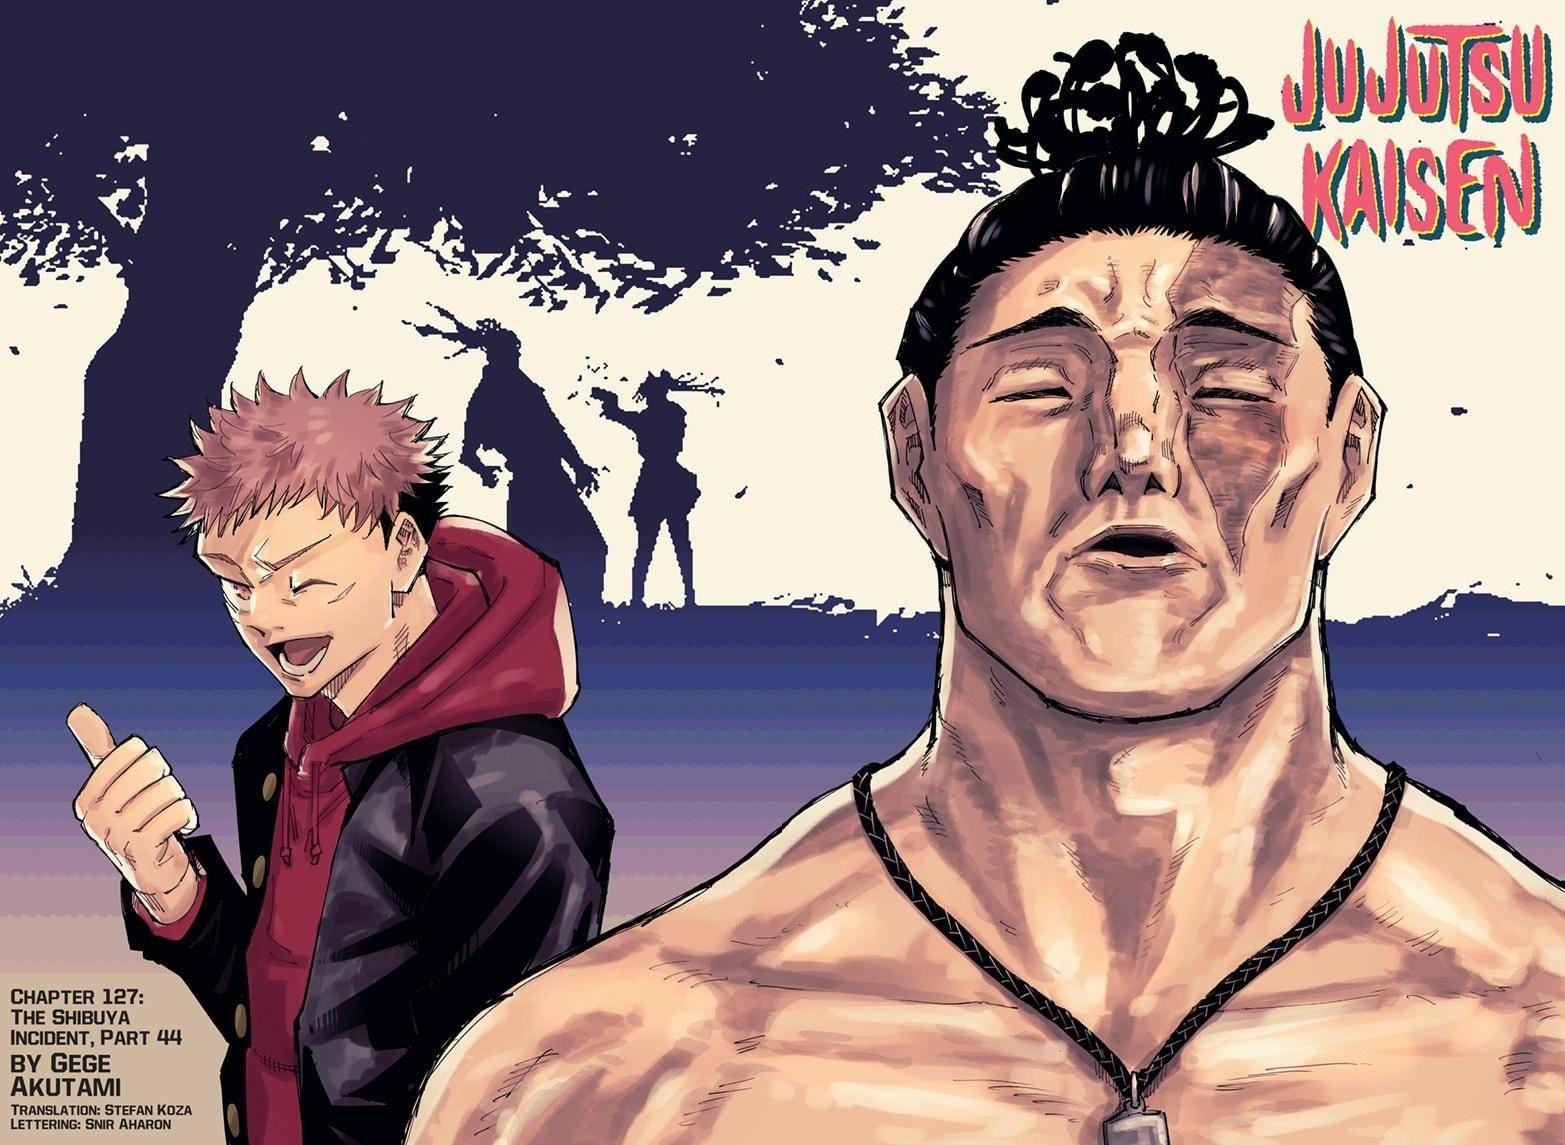 Jujutsu Kaisen Chapter 127 Pg 2 3 Jujutsu Manga Covers Art Reference Poses